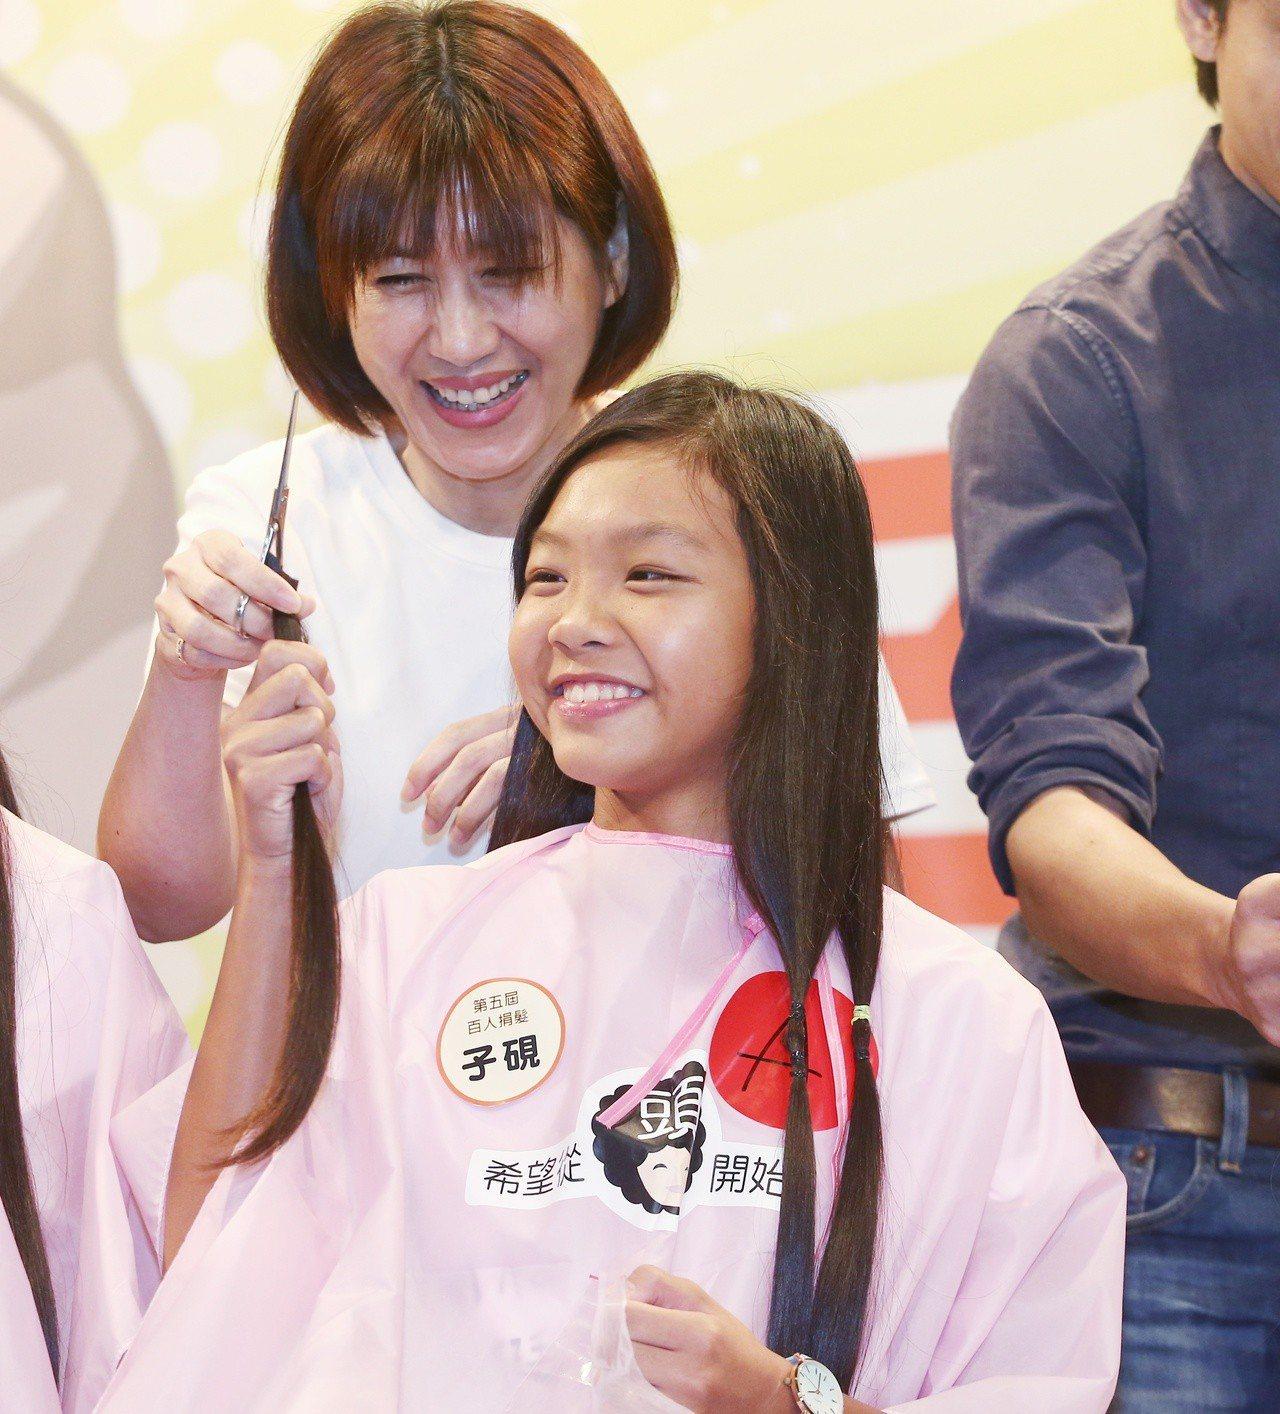 由癌症希望基金會舉辦的第五屆百人捐髮活動,共有124名捐髮者,徐子硯(右)是游泳...